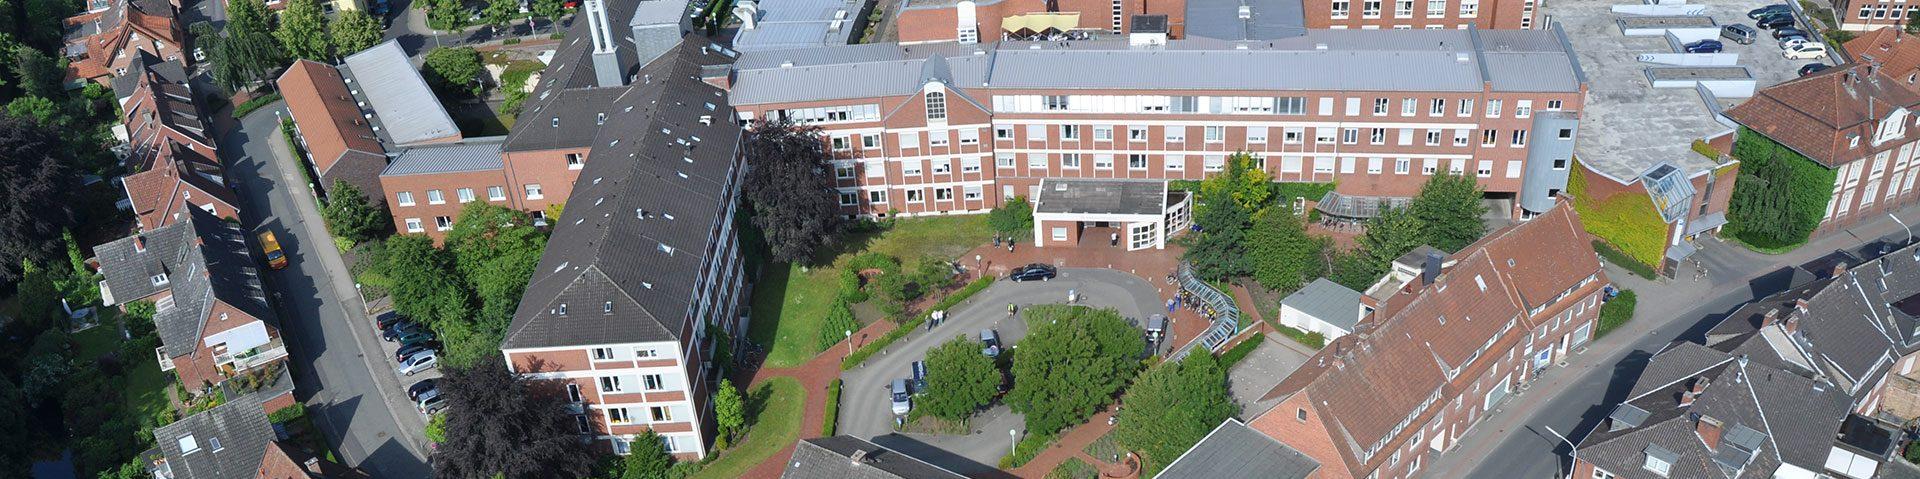 Luftaufnahme der Christophorus Kliniken